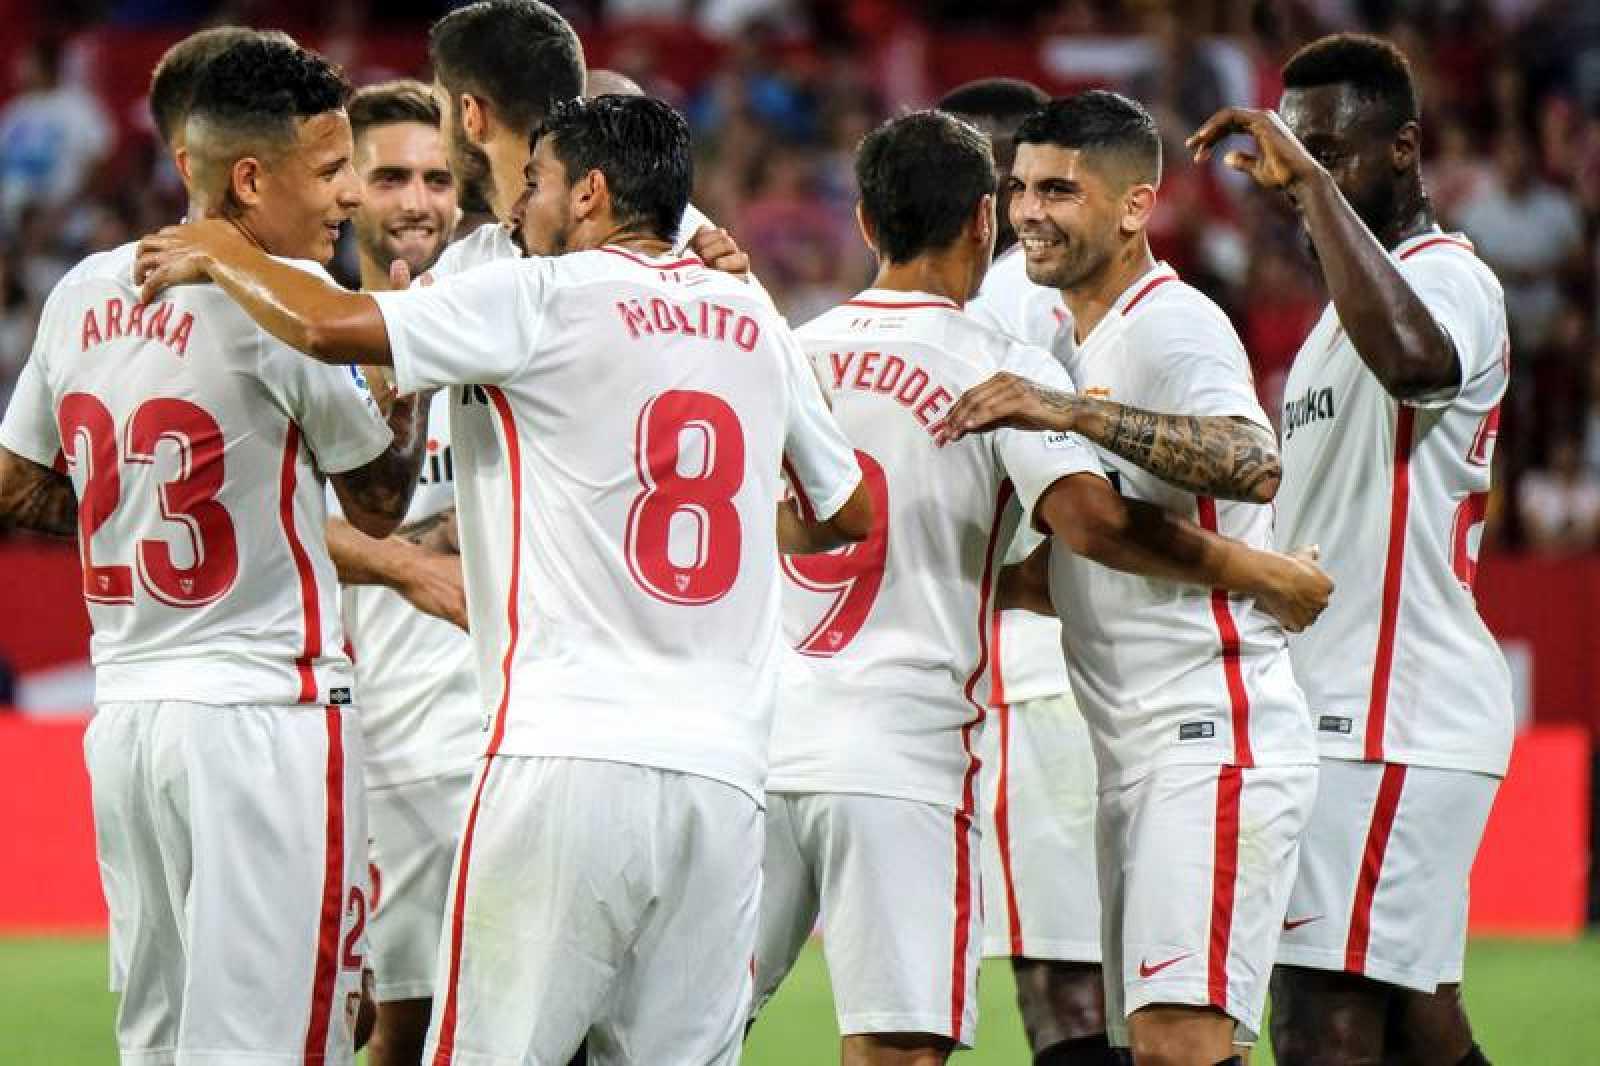 Éver Banega celebra con sus compañeros el gol logrado de falta ante el Zalgiris.